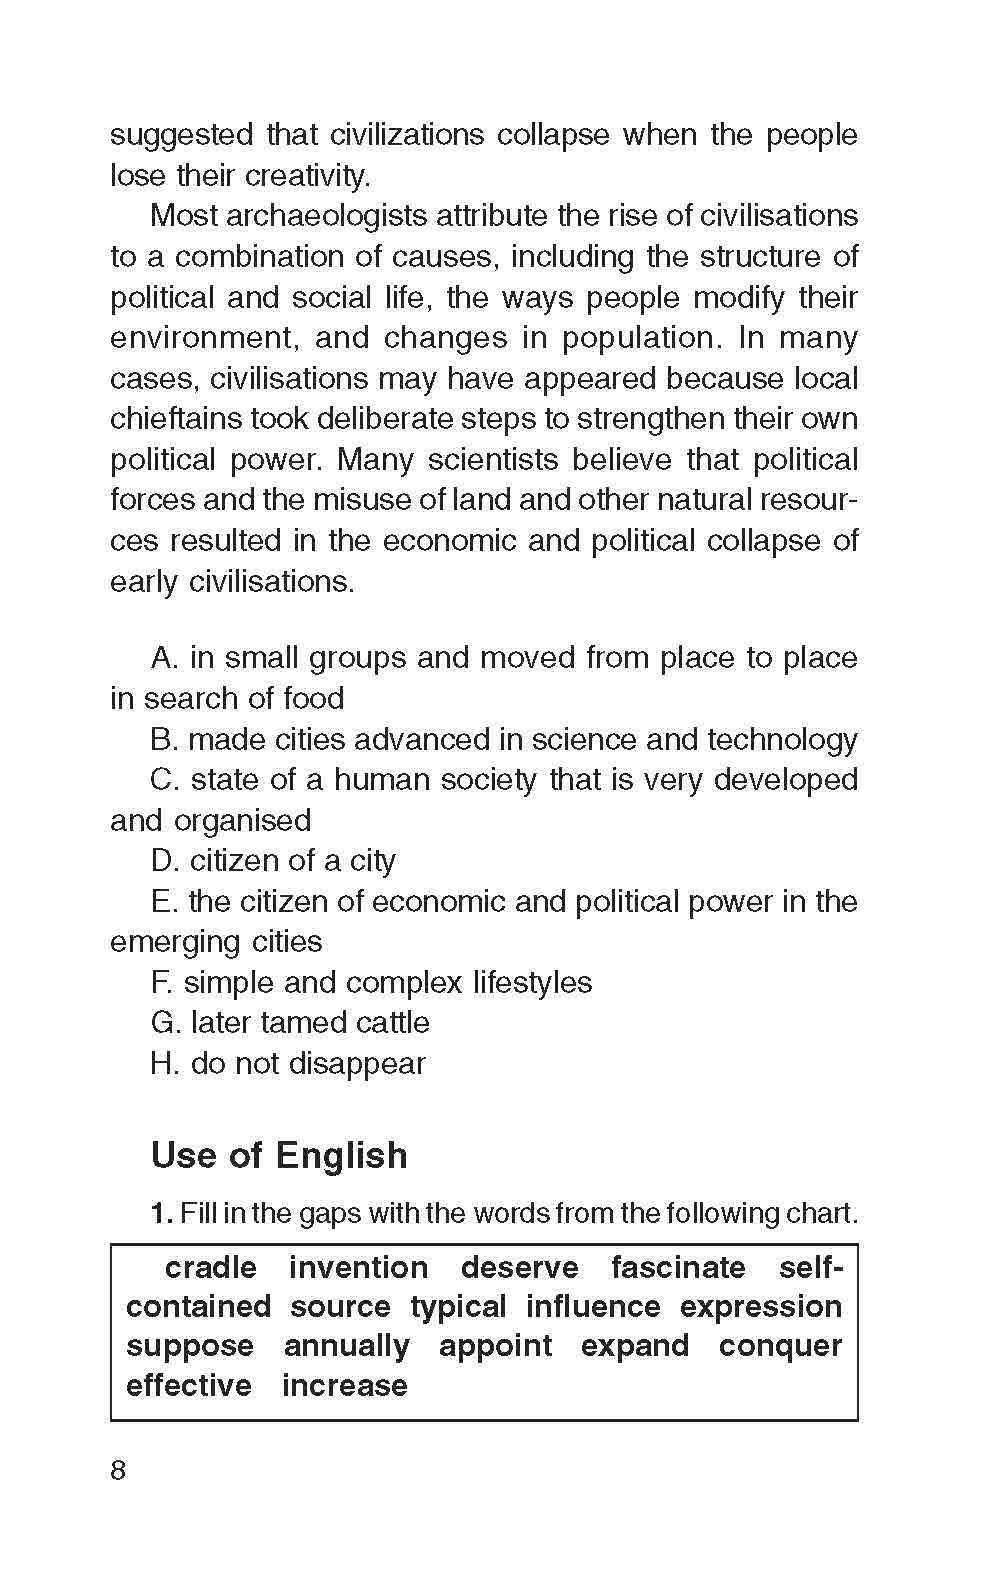 Контрольные работы по английскому языку класс с углубленным  Контрольные работы по английскому языку 9 класс с углубленным изучением